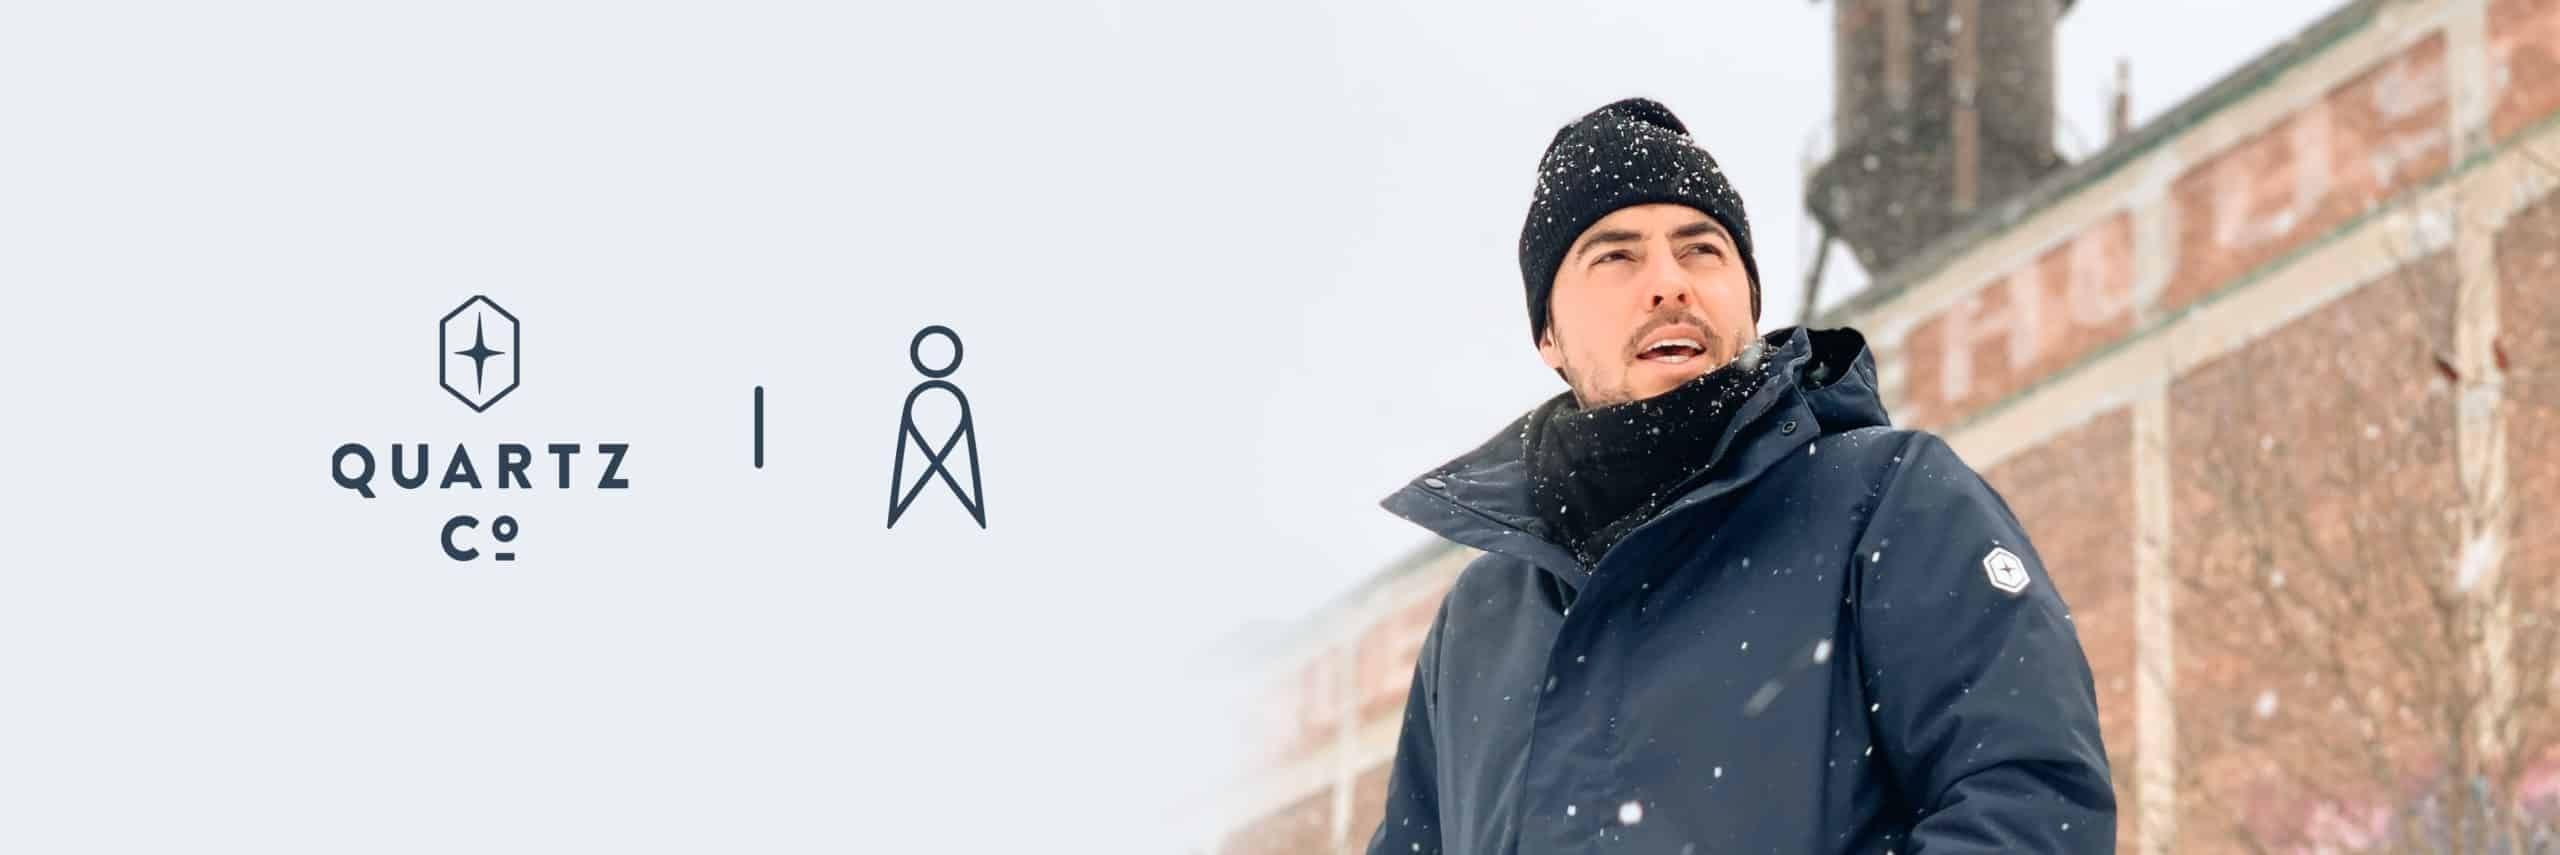 Altitude Sports X Quartz Co. : un manteau d'hiver urbain en asclépiade